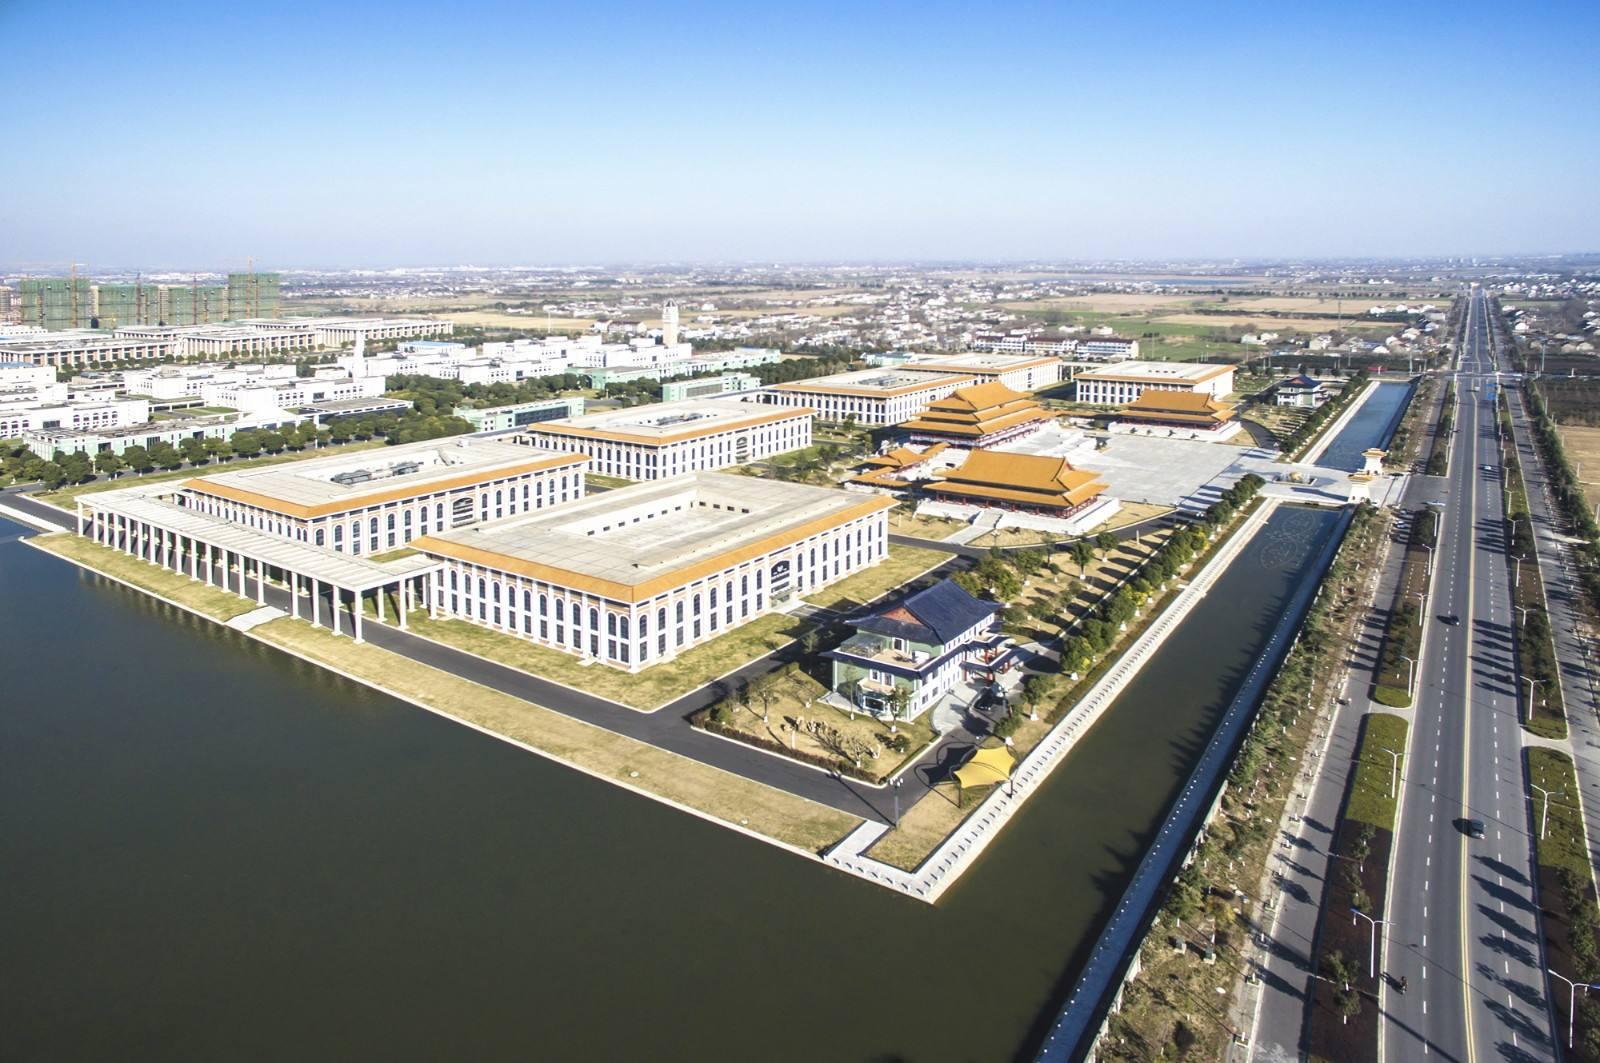 守牢生态环境与安全底线 扬子江药业集团推进SHE管理促进企业高质量发展